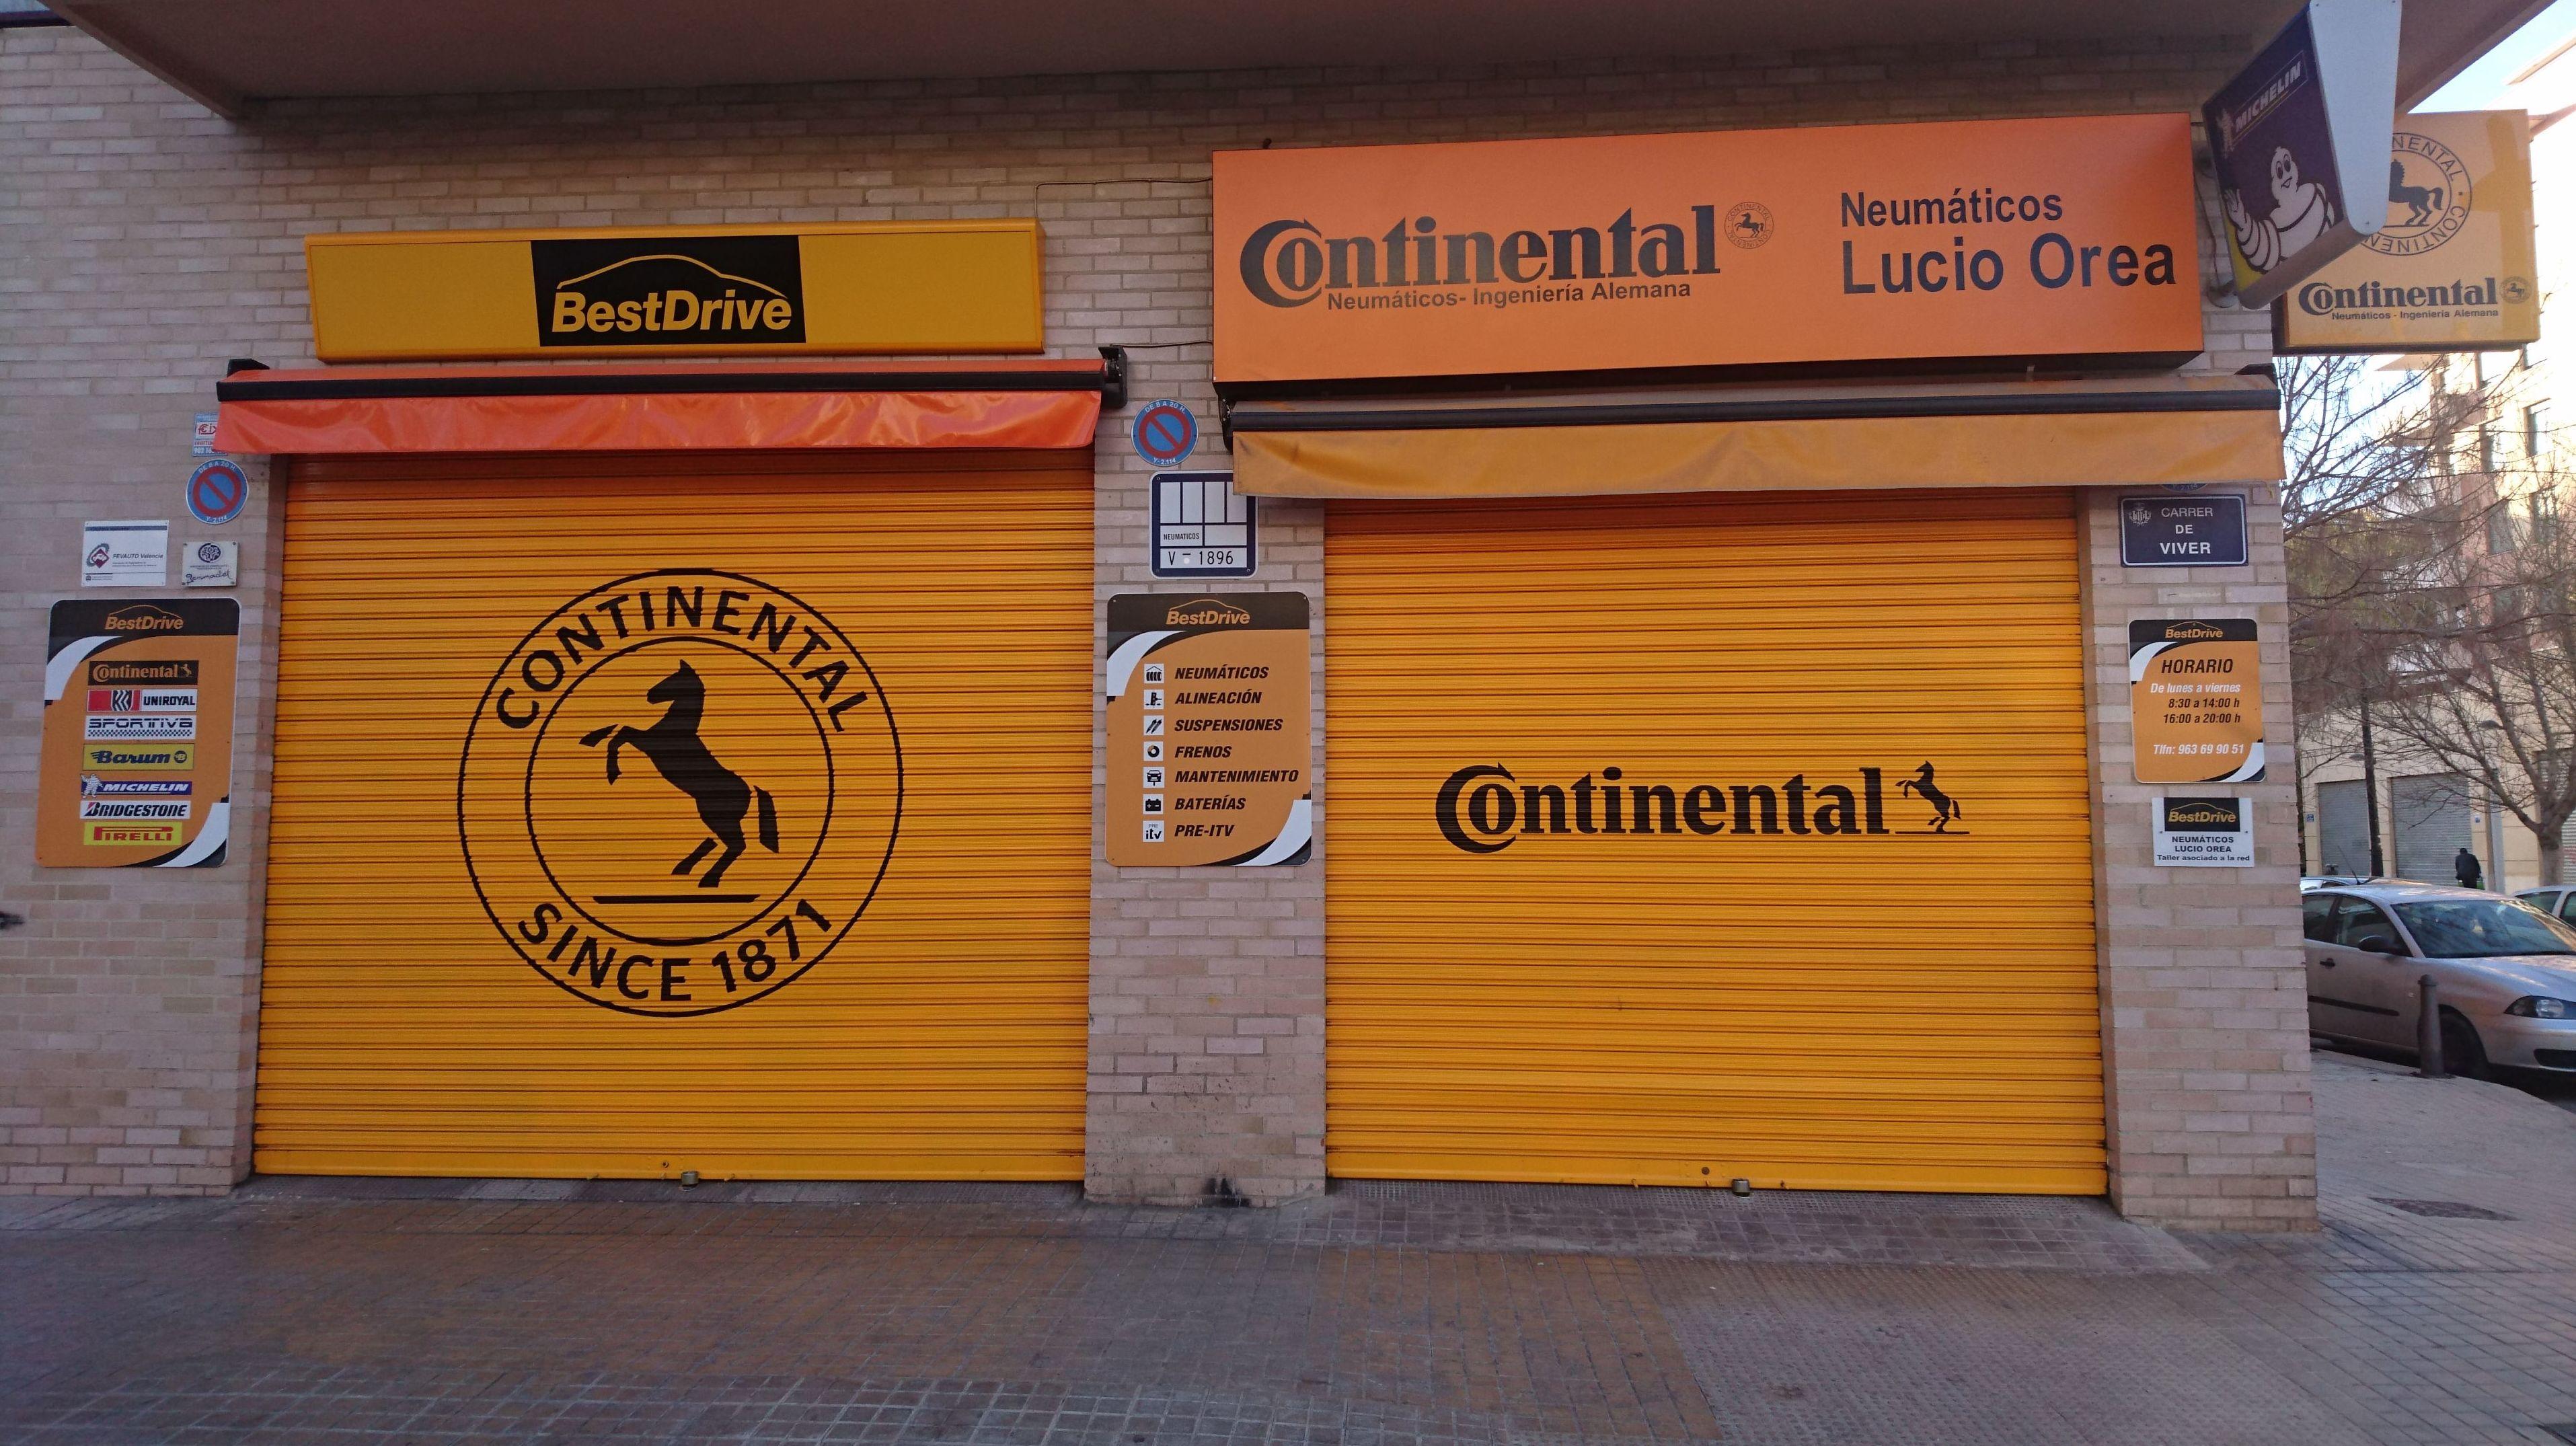 Foto 1 de Neumáticos en Valencia | Neumáticos Lucio Orea